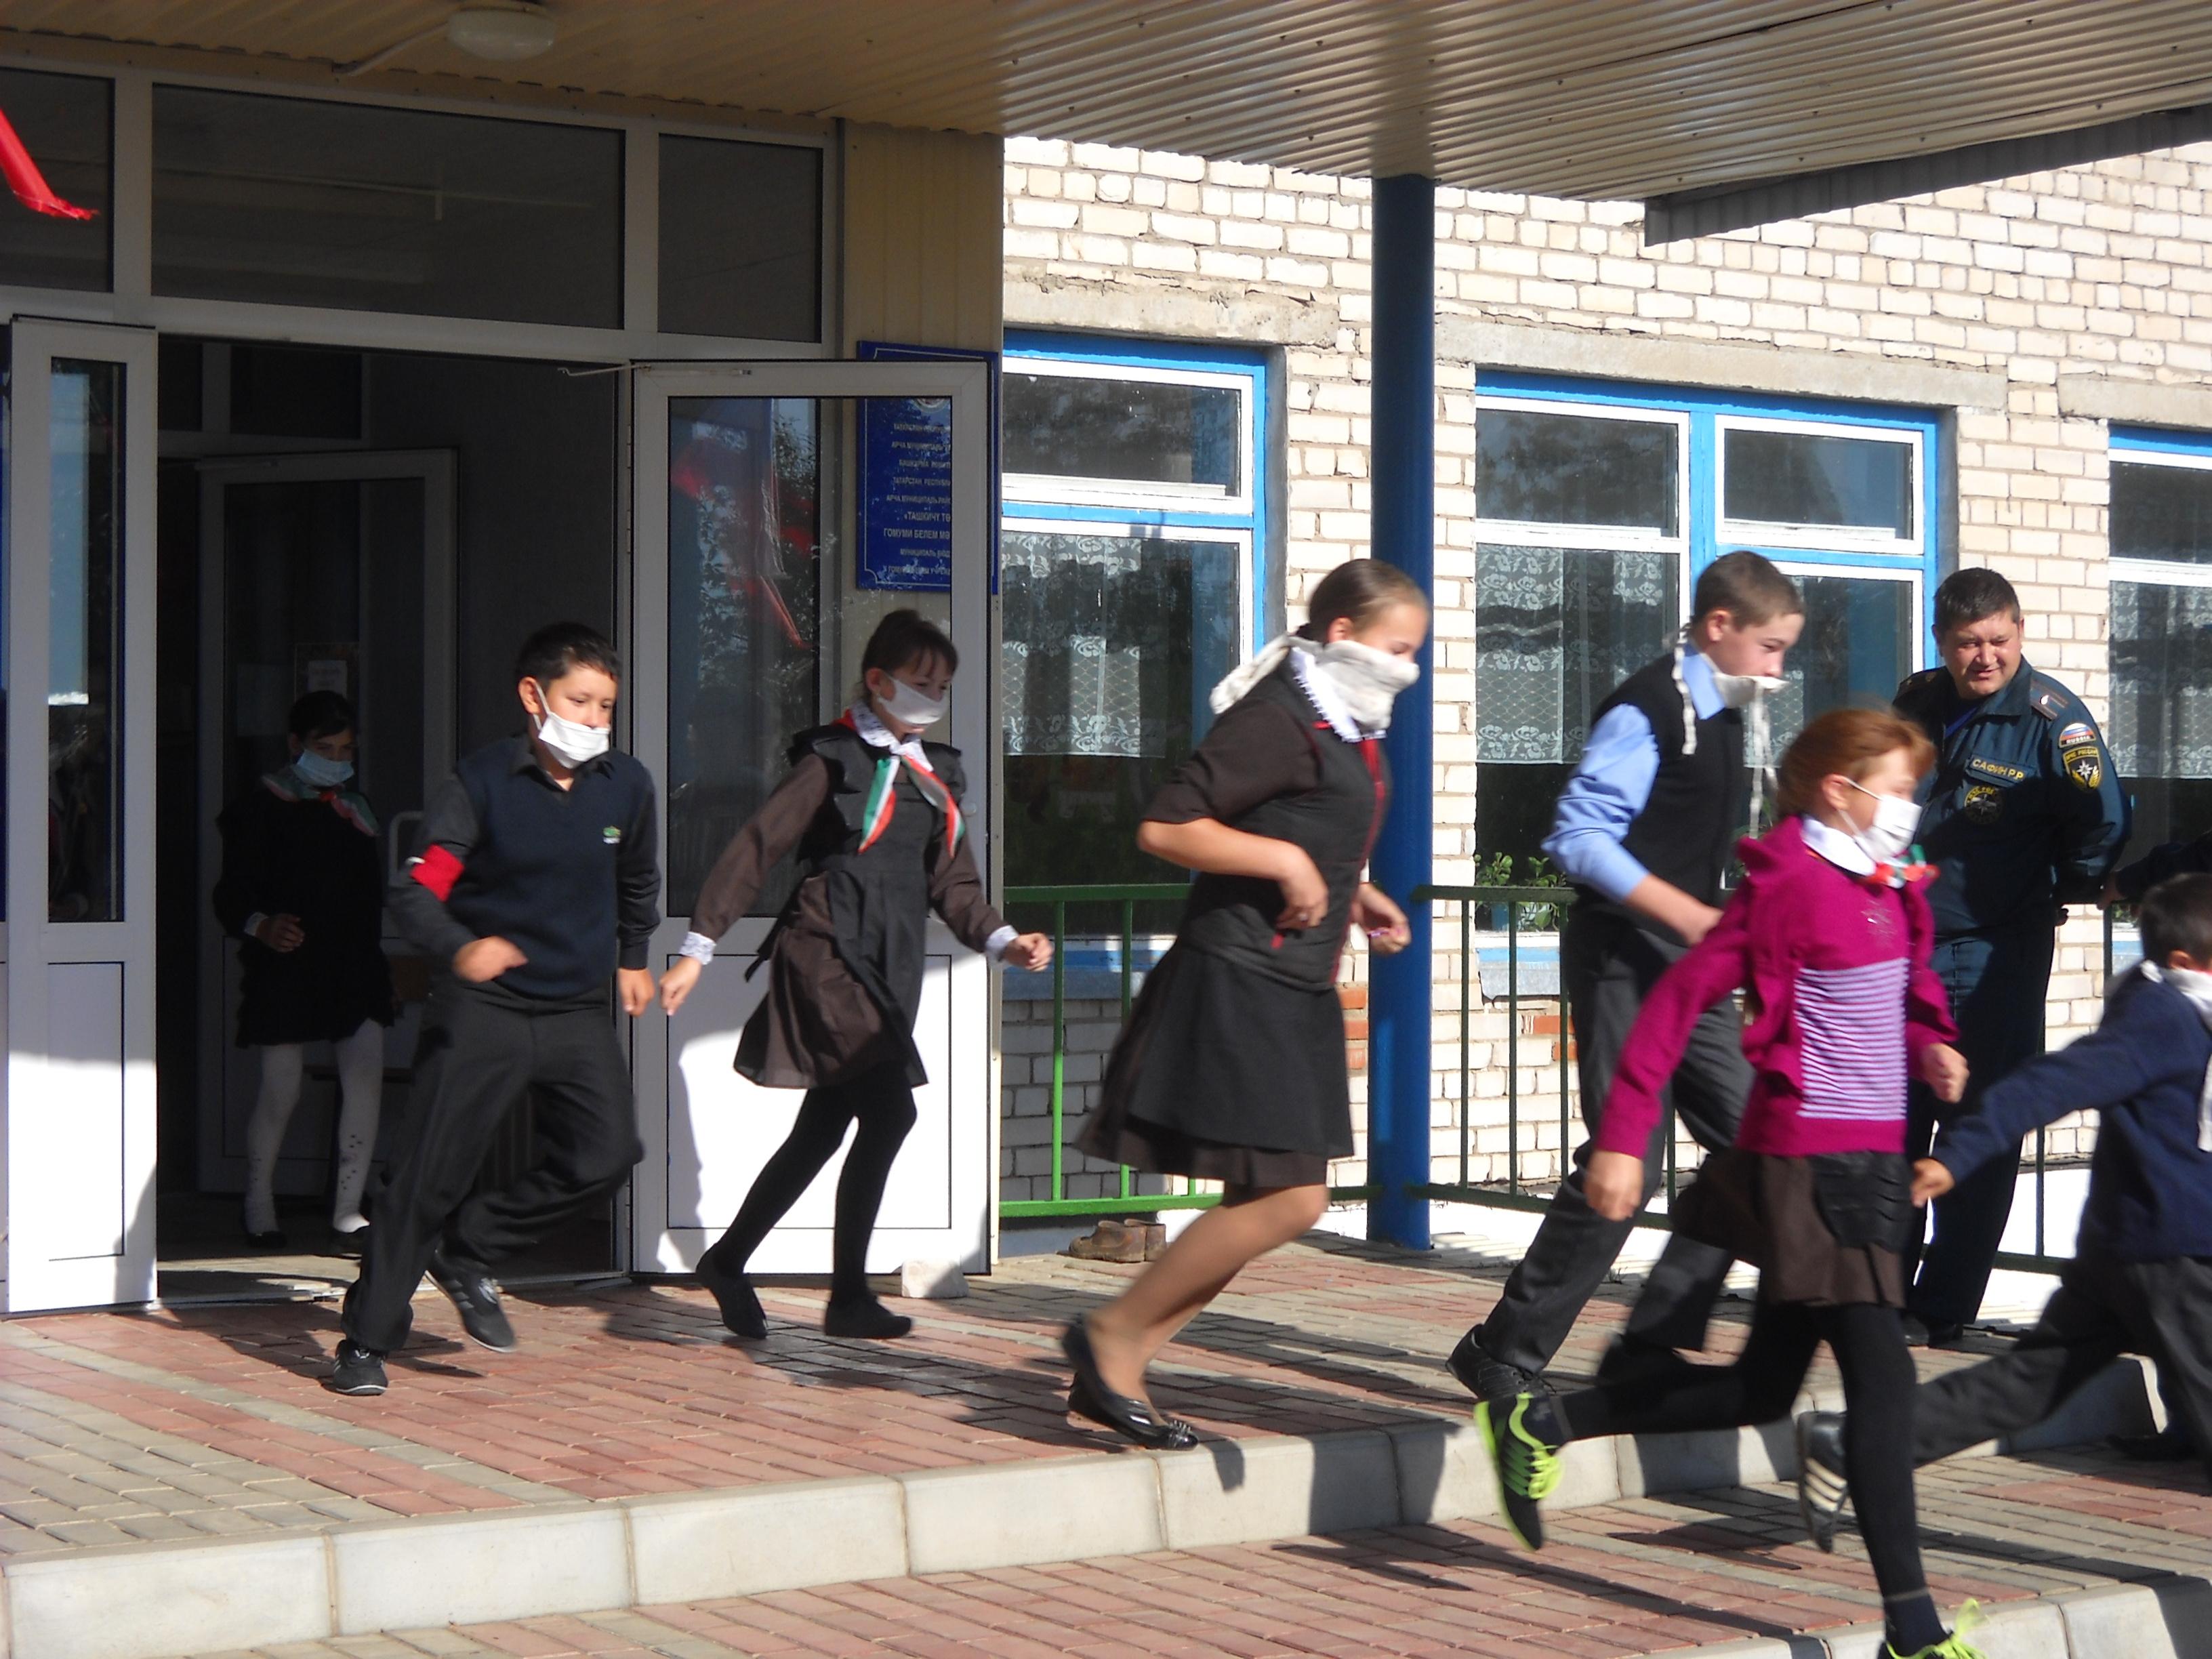 Эвакуация в школе картинки